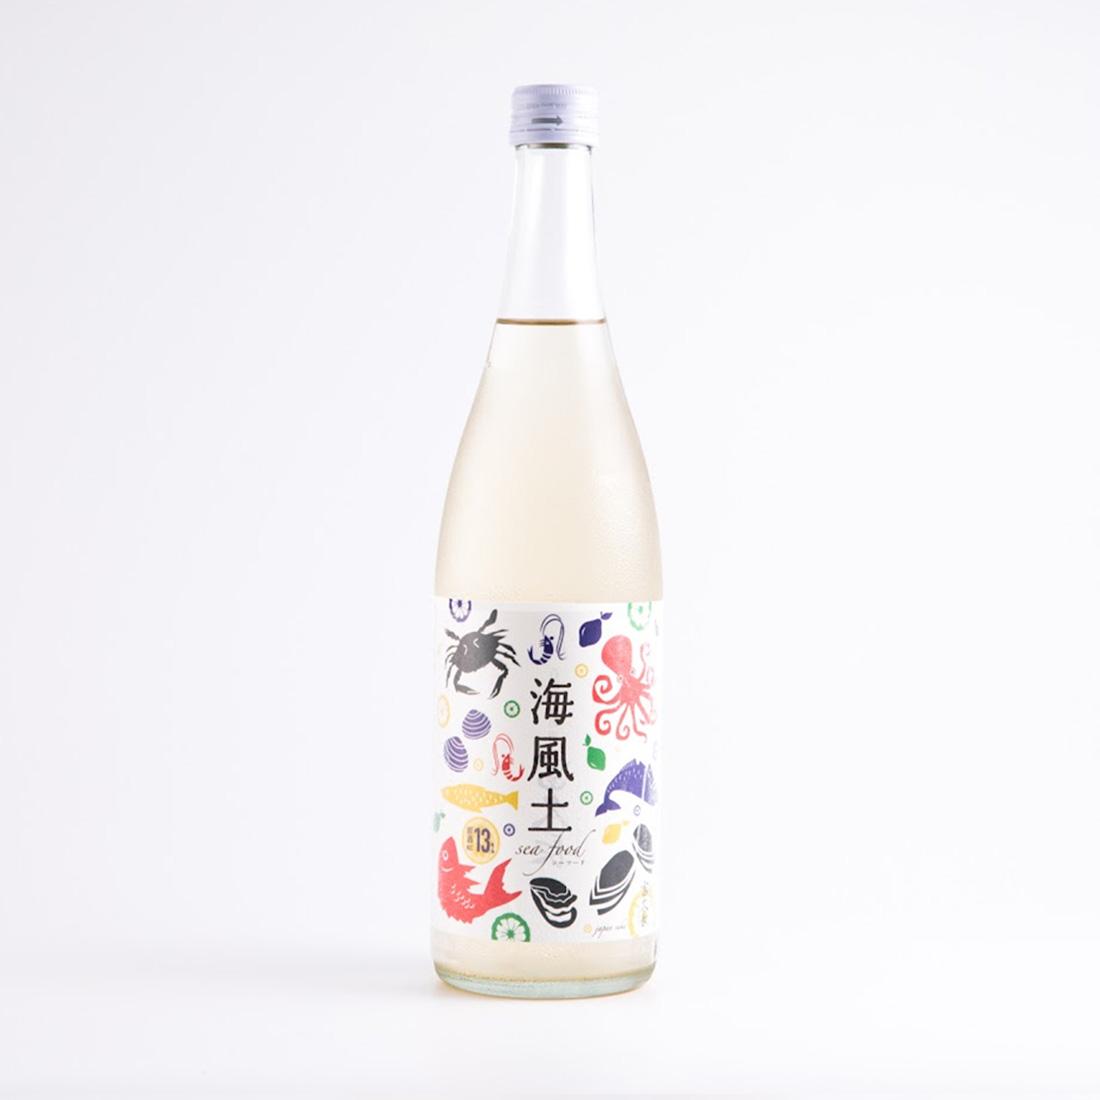 白麹純米酒 海風土(sea food) 720ml/今田酒造本店